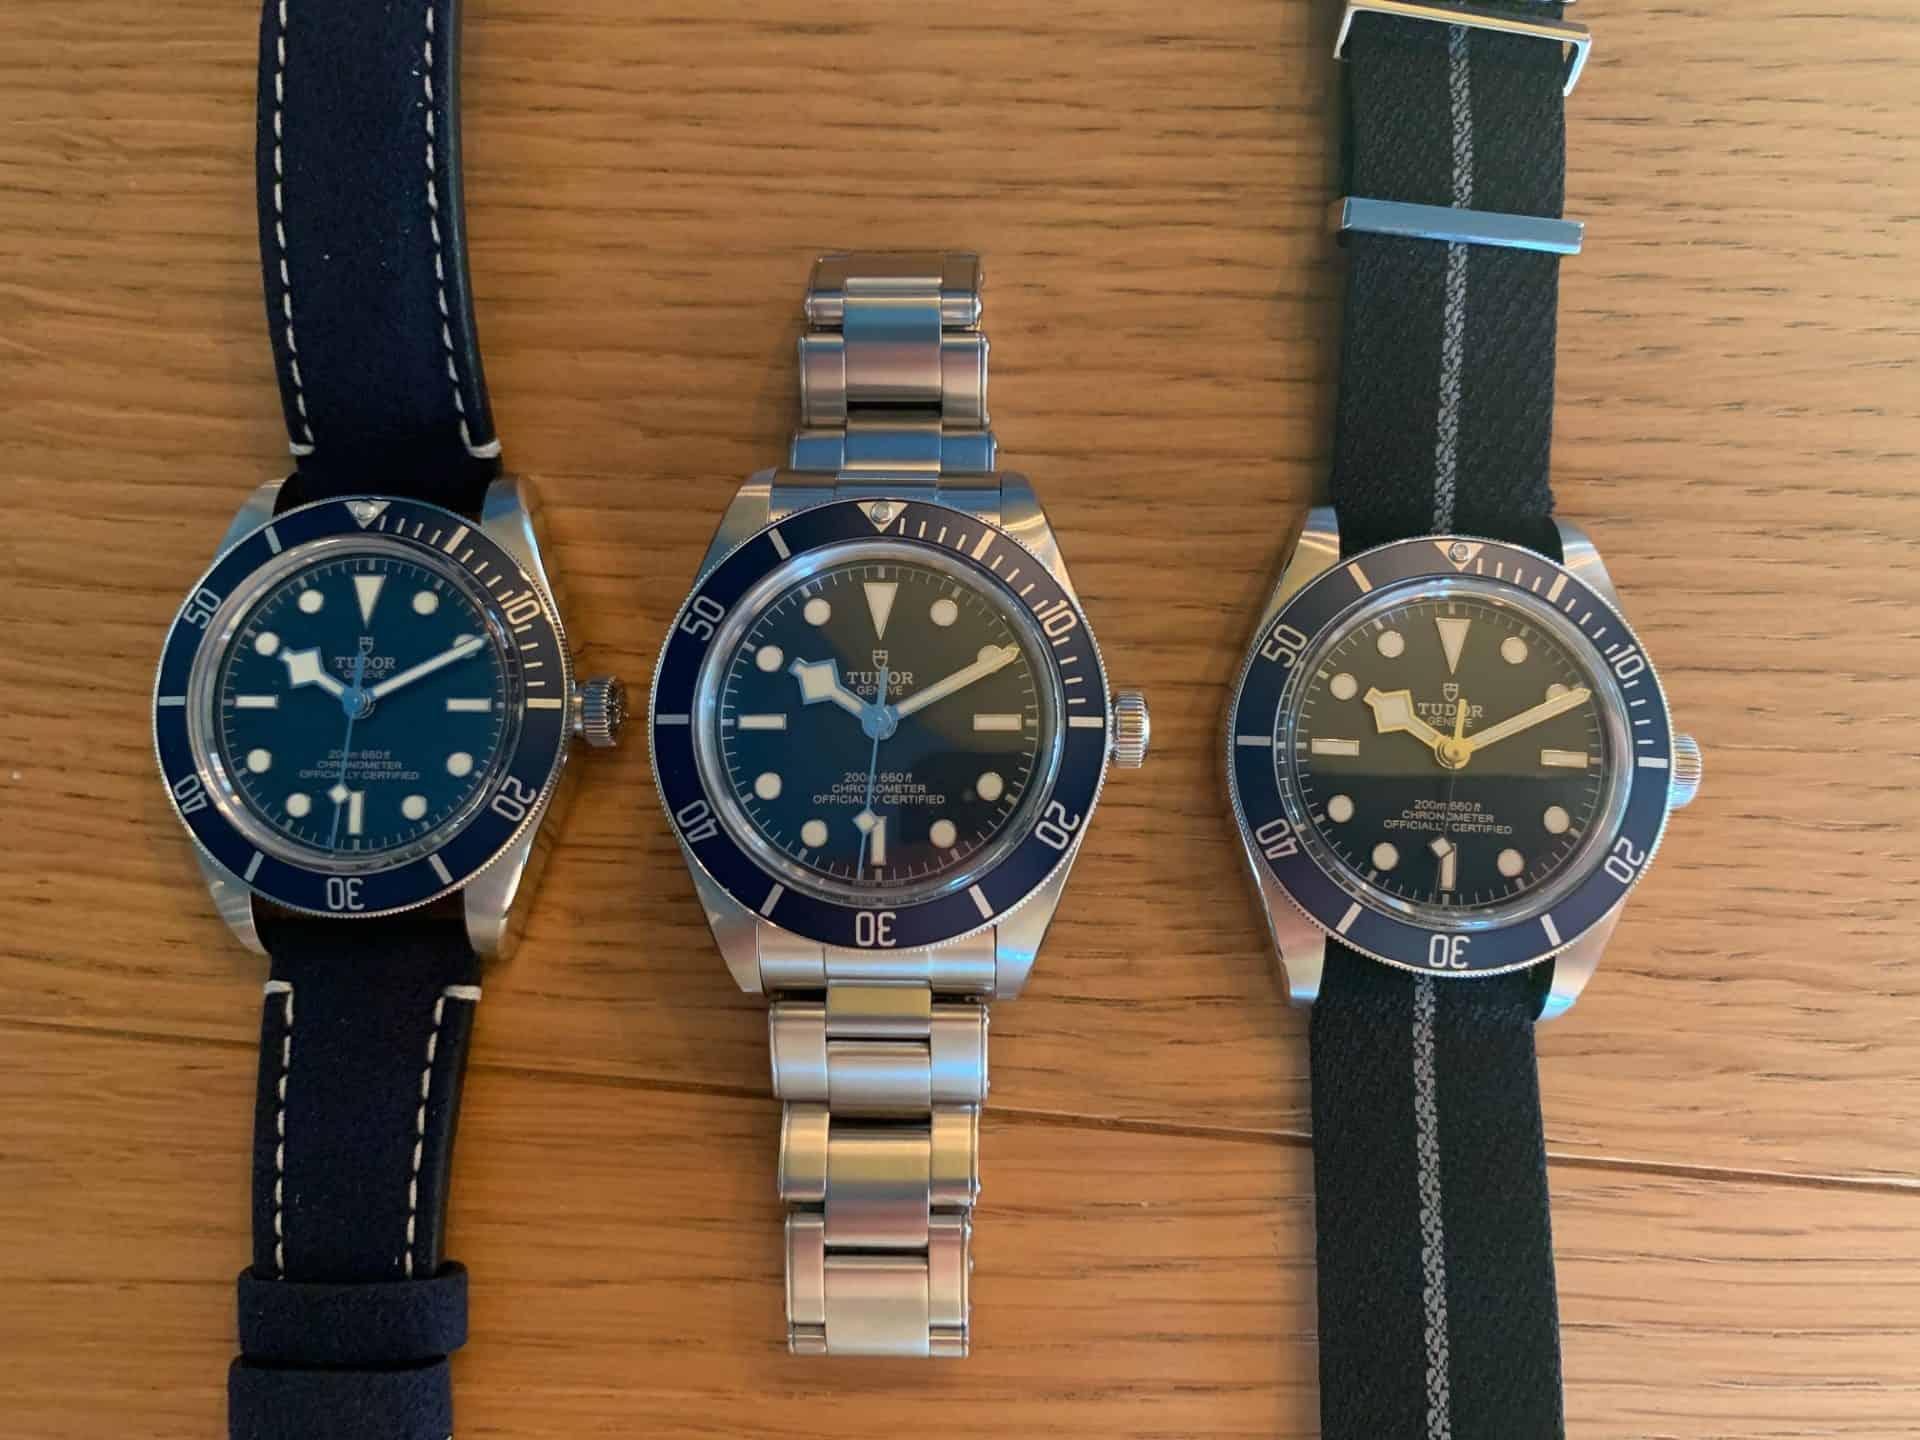 Tudor Black Bay Fifty-Eight Navy Blue Referenz 79030B mit entweder Soft Touch-, Glieder- oder Textilband